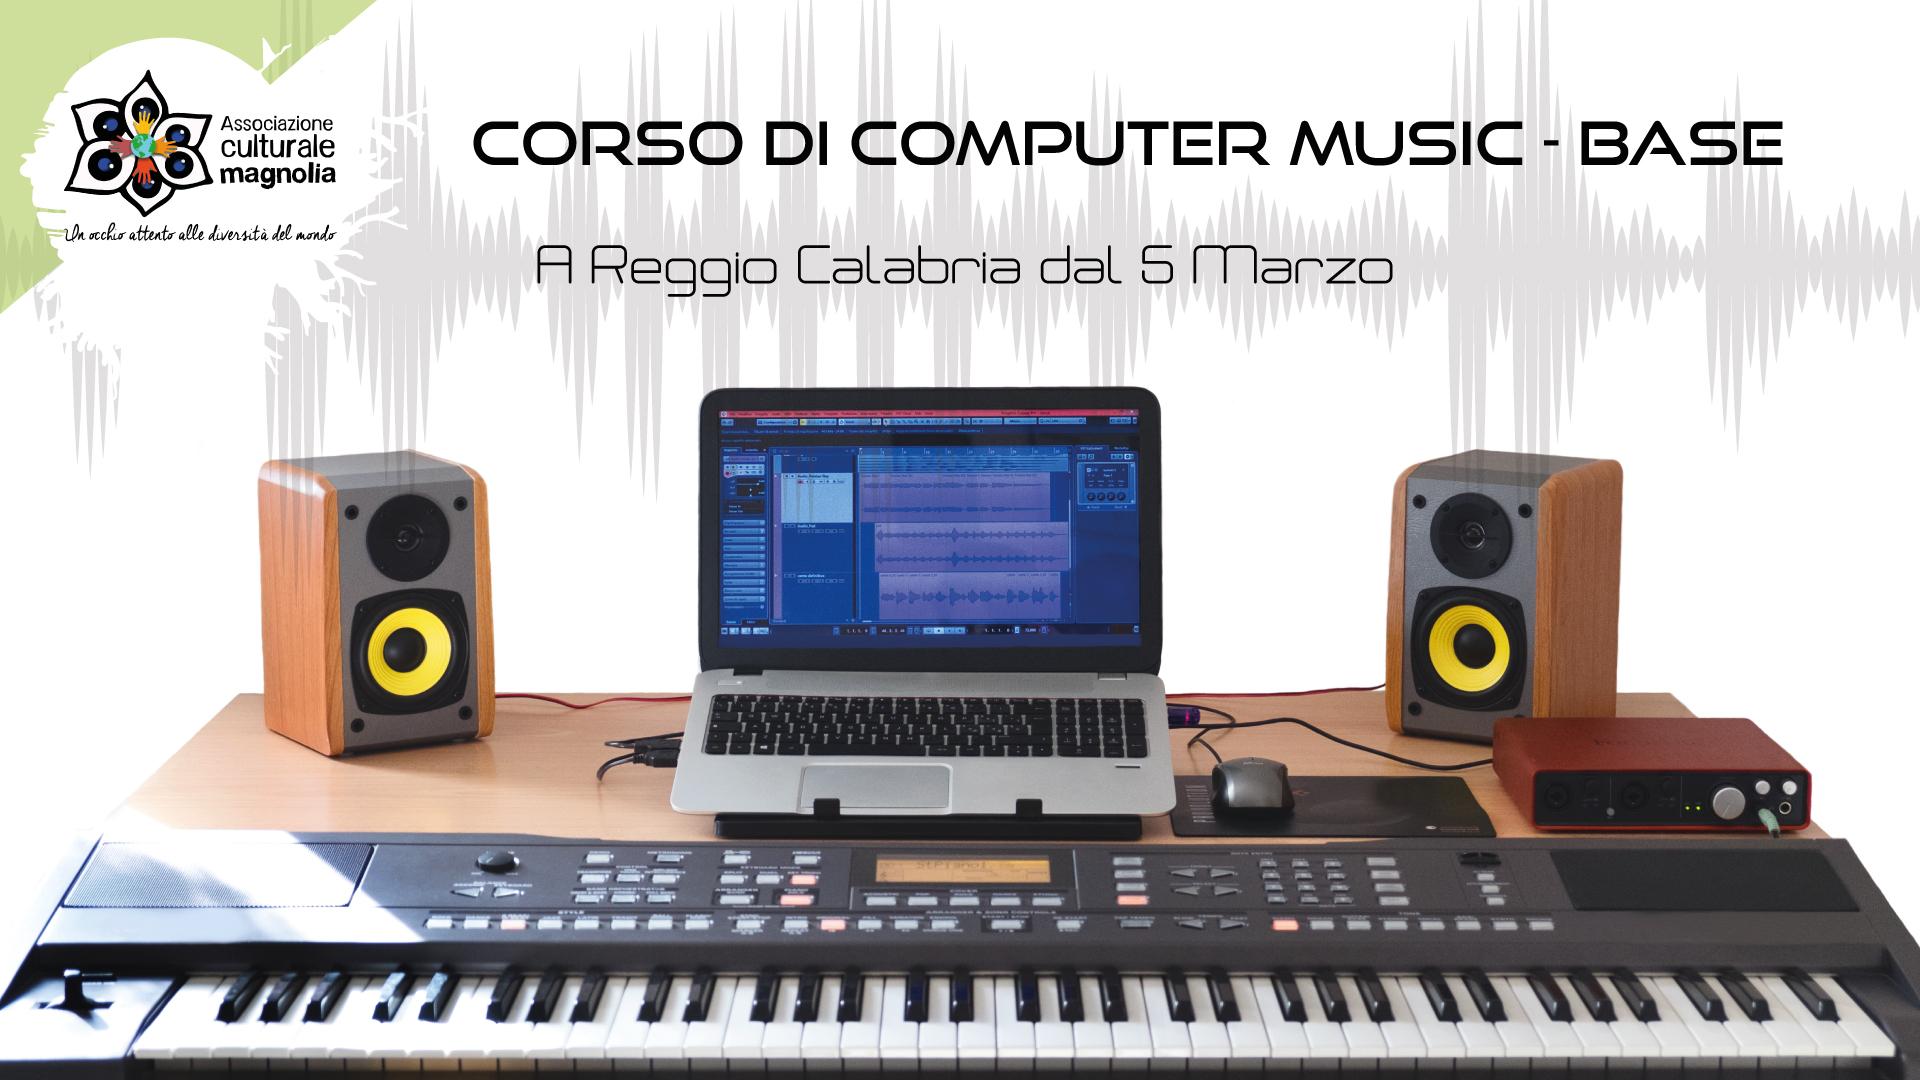 corso di computer music base reggio calabria